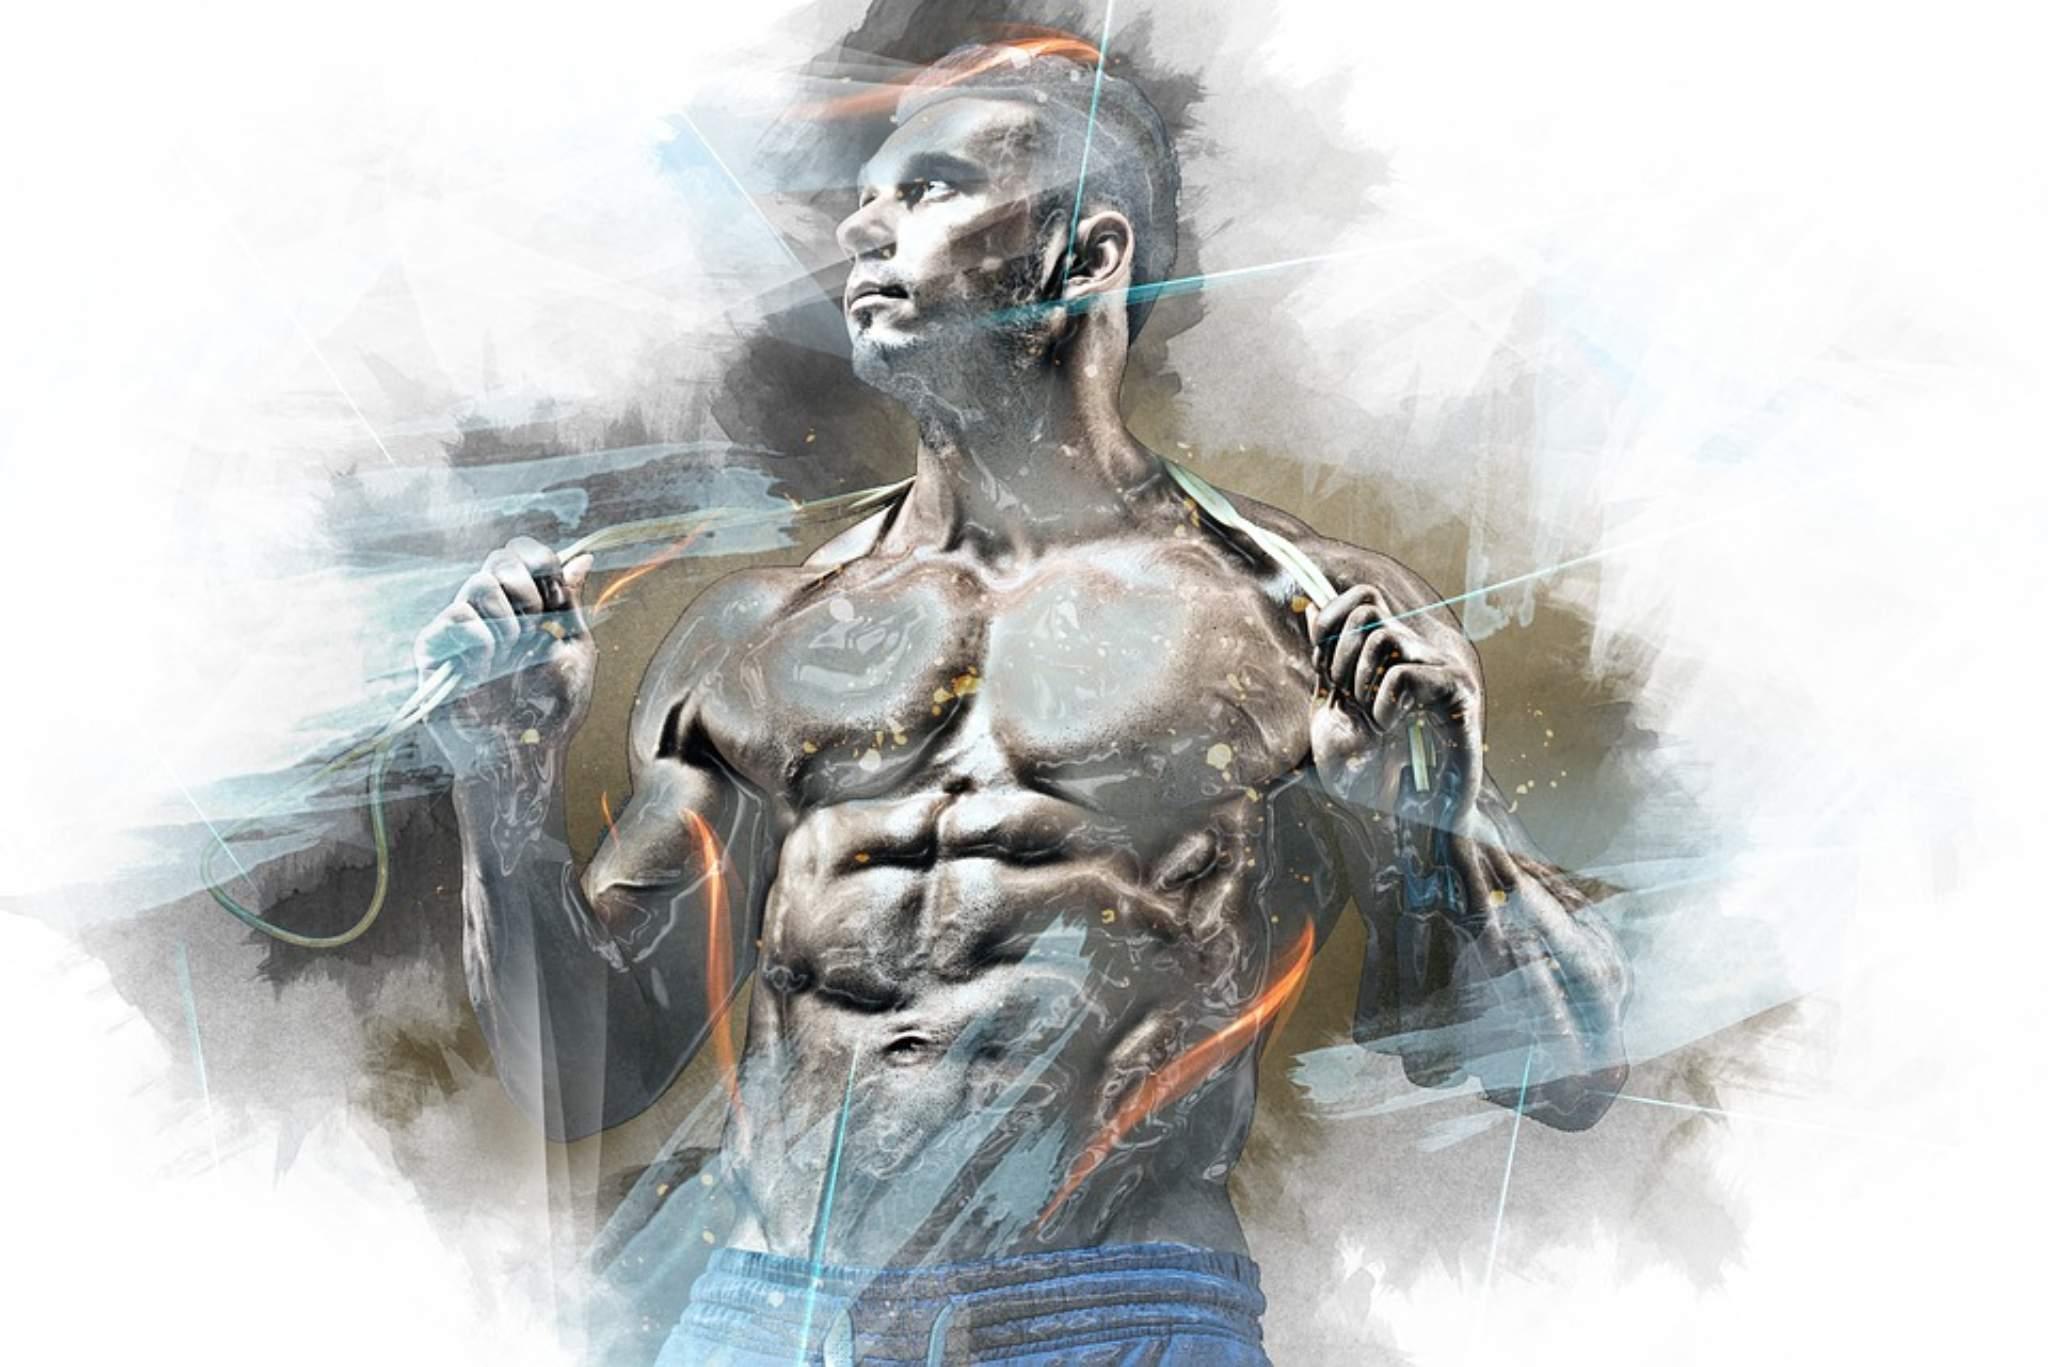 Preparazione di un bodybuilder natural